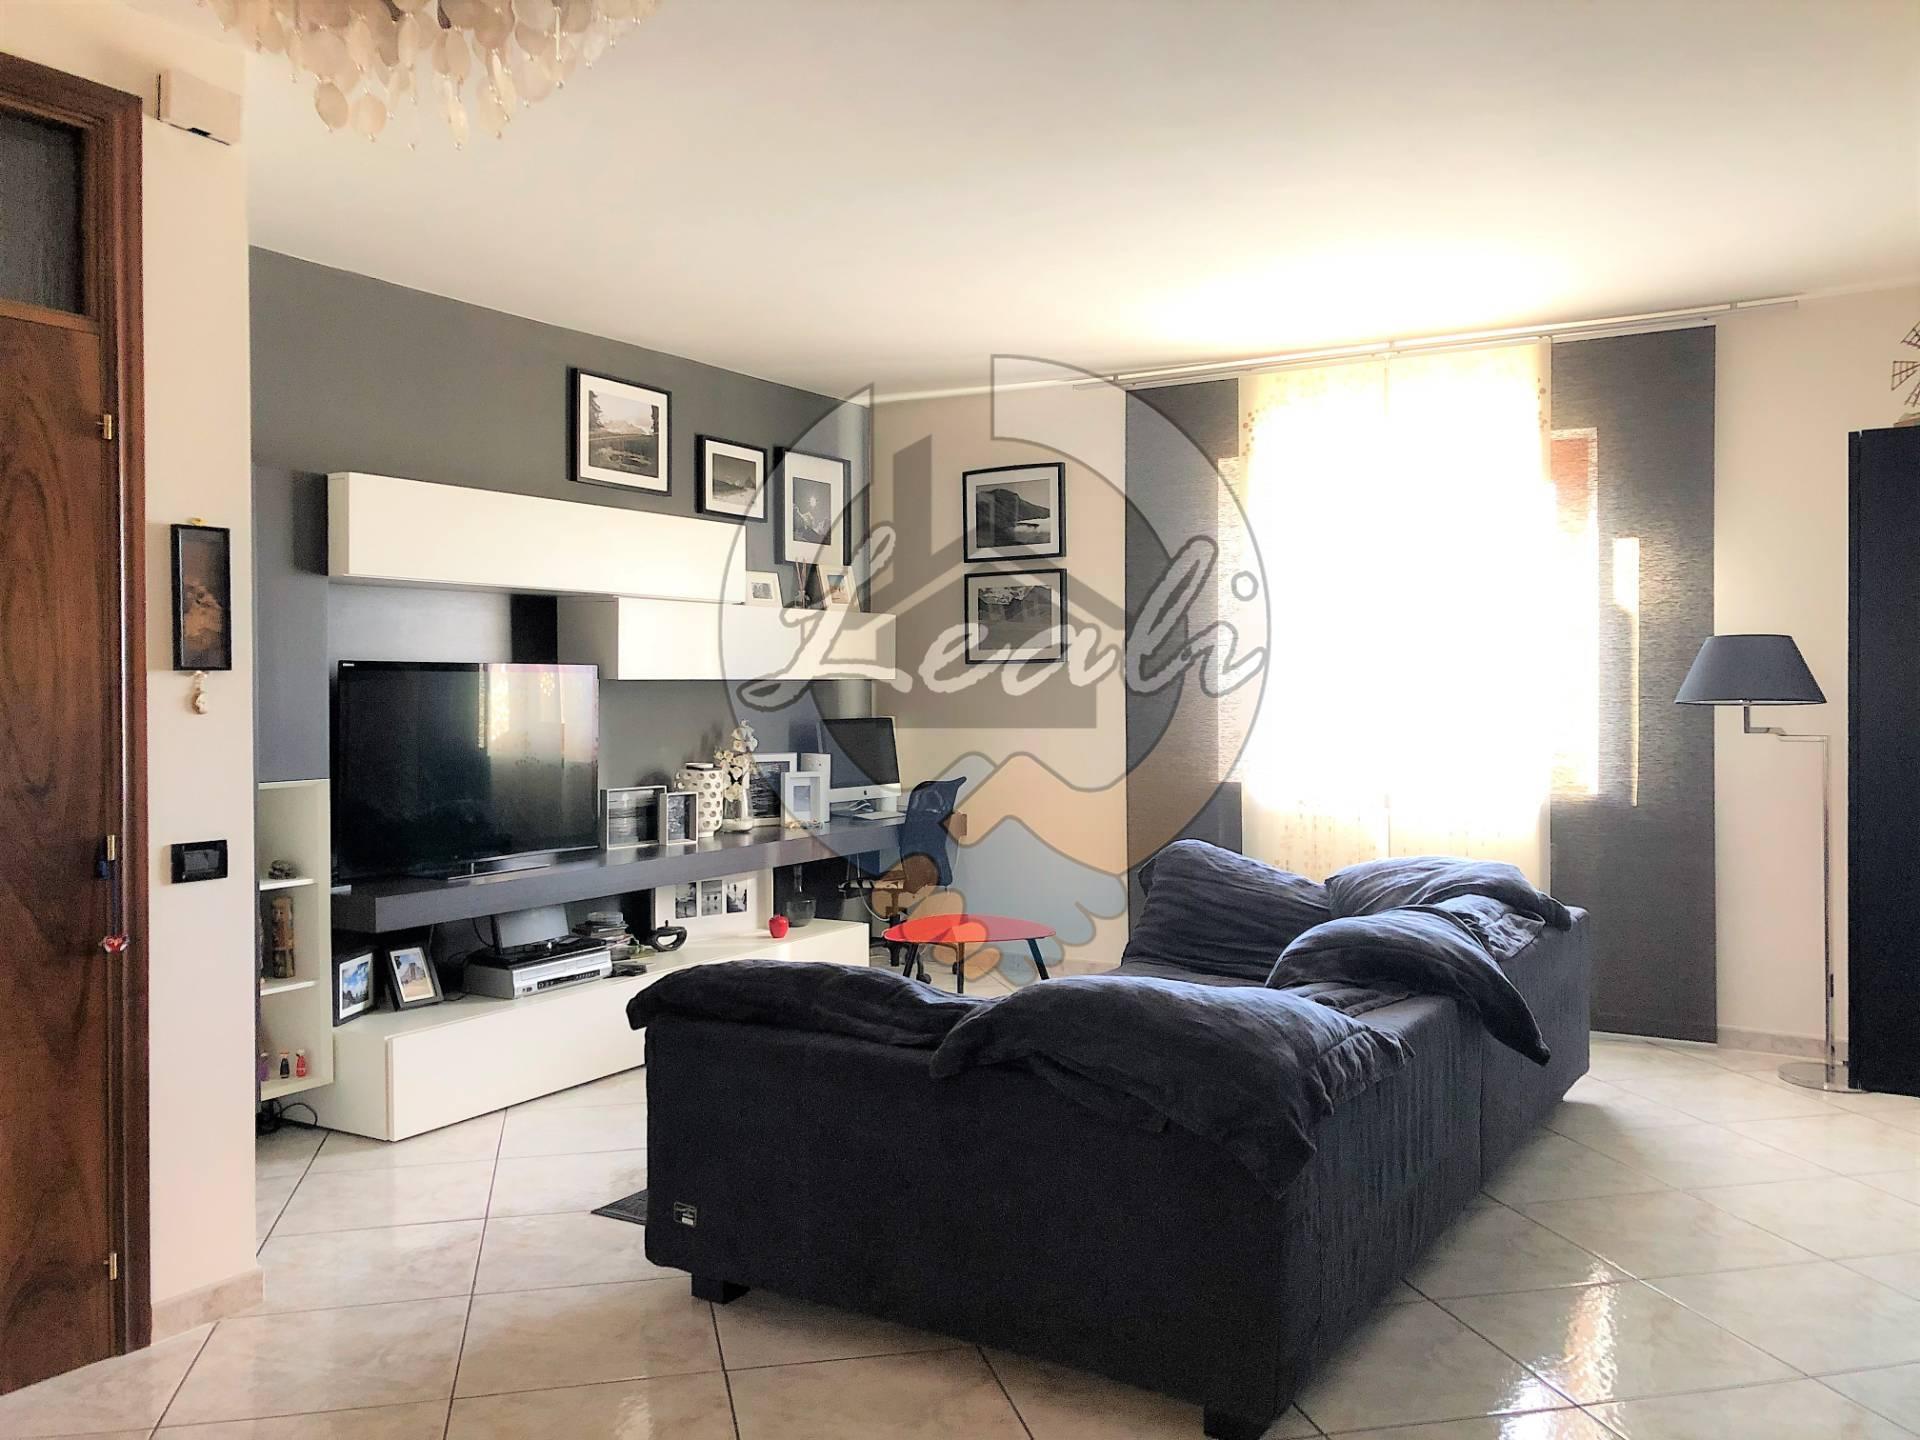 Appartamento in vendita a Pollenza, 4 locali, Trattative riservate | CambioCasa.it